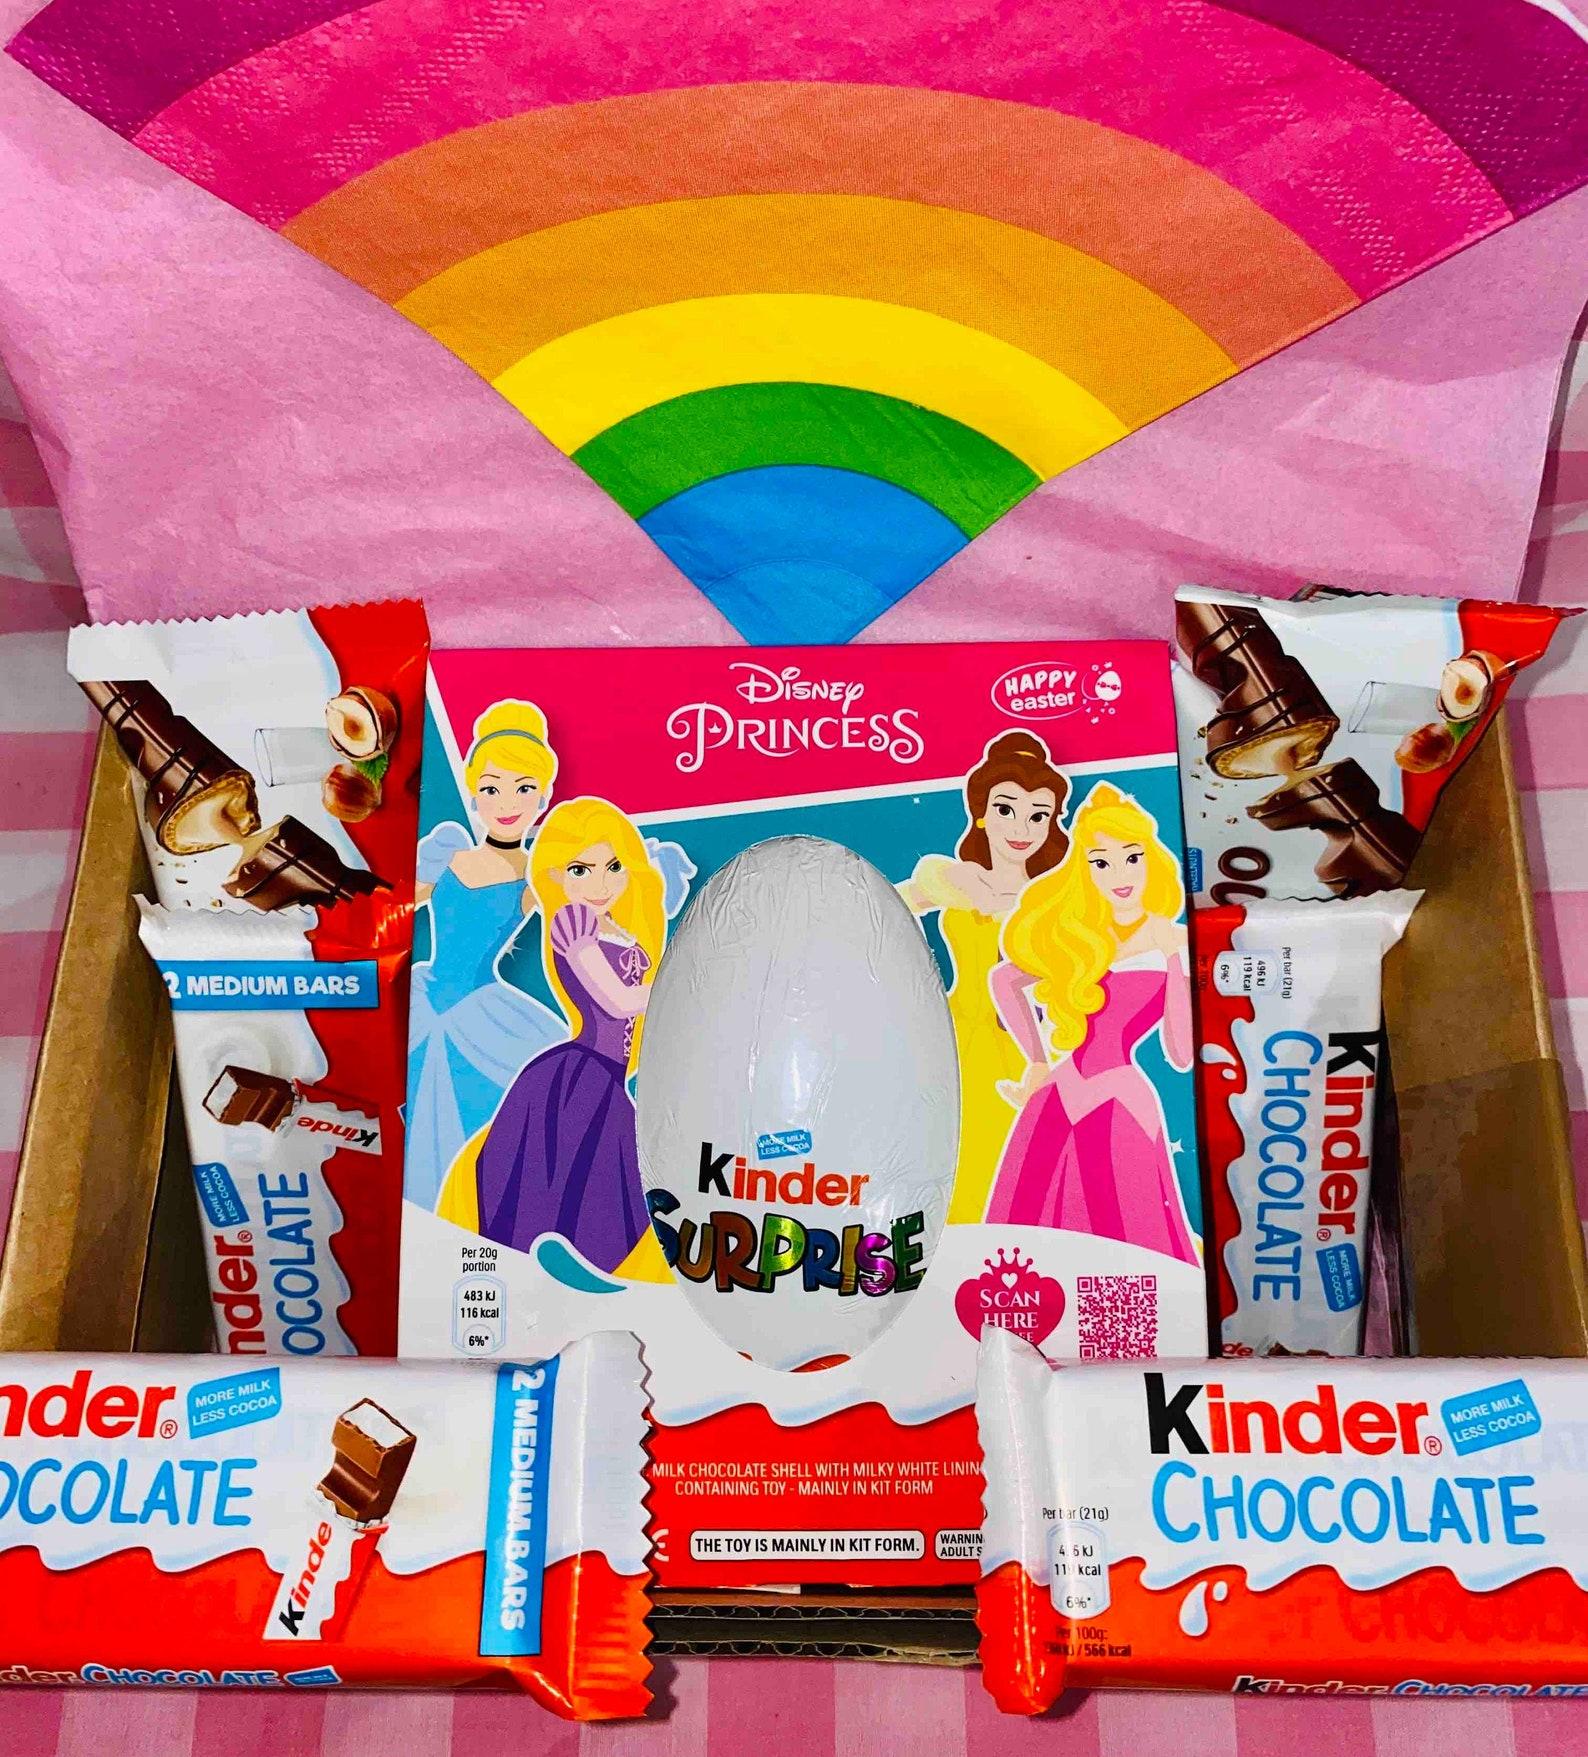 Easter Kinder Egg, Kinder Surprise Egg, Disney Princess, Kinder Chocolate Bars. Chocolate Gift Box.